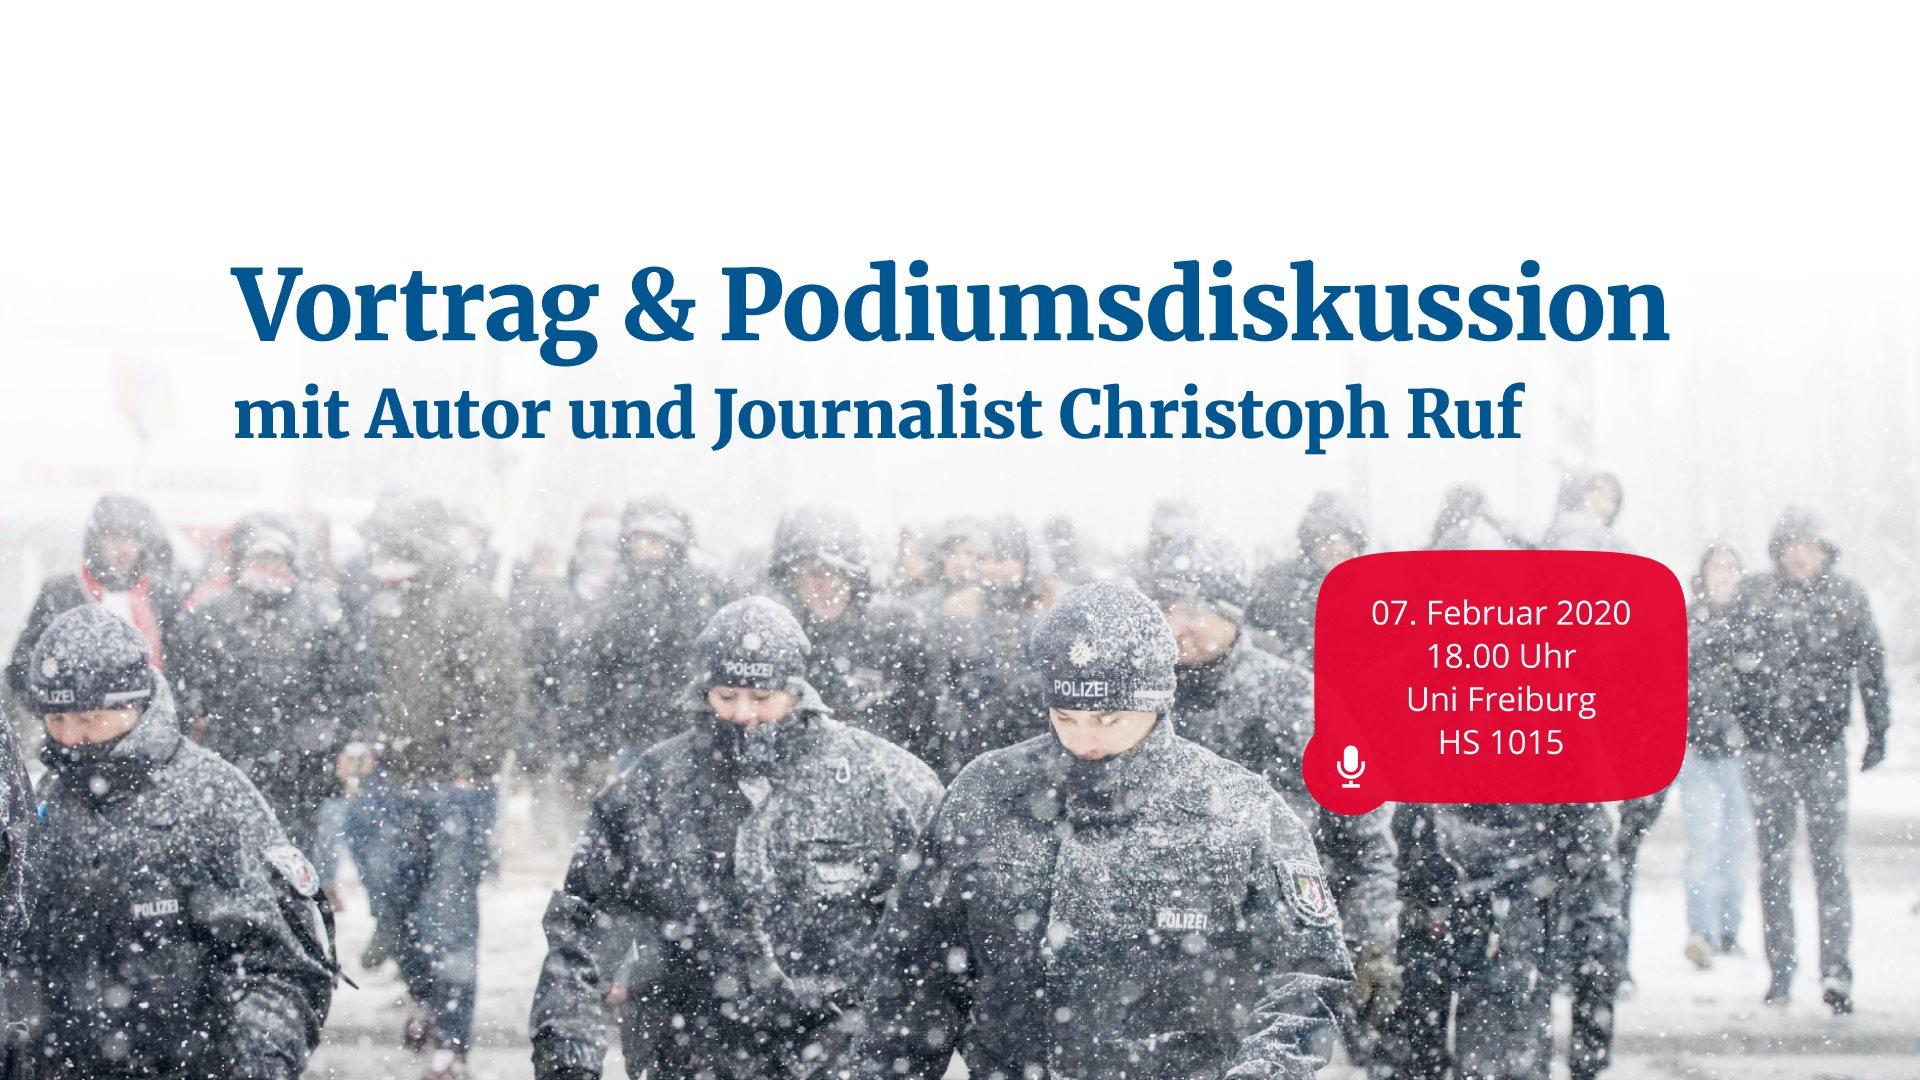 Vortrag & Podiumsdiskussion – Spannungsverhältnis Polizei und Fußballfans